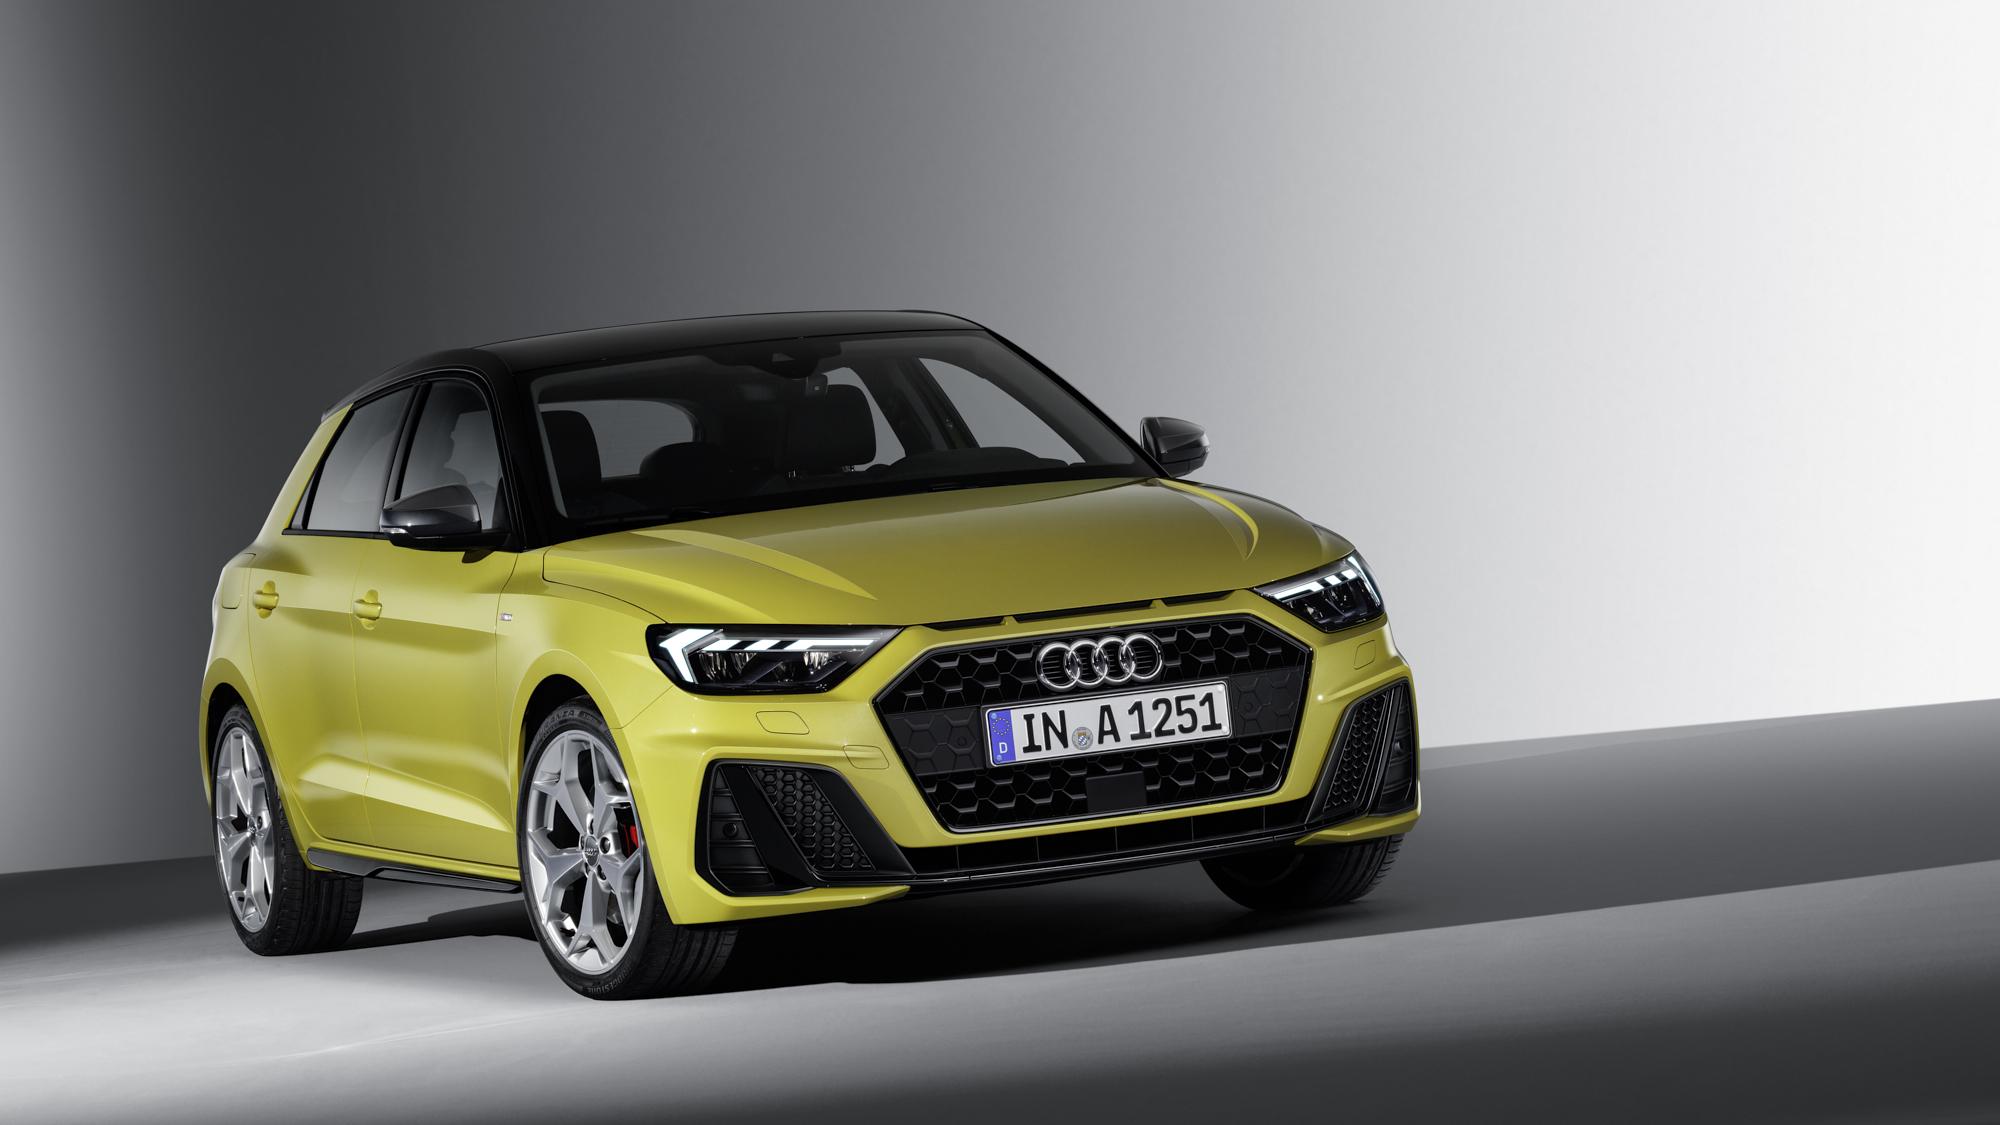 RWink_Audi_A1_EXT_010_B2200